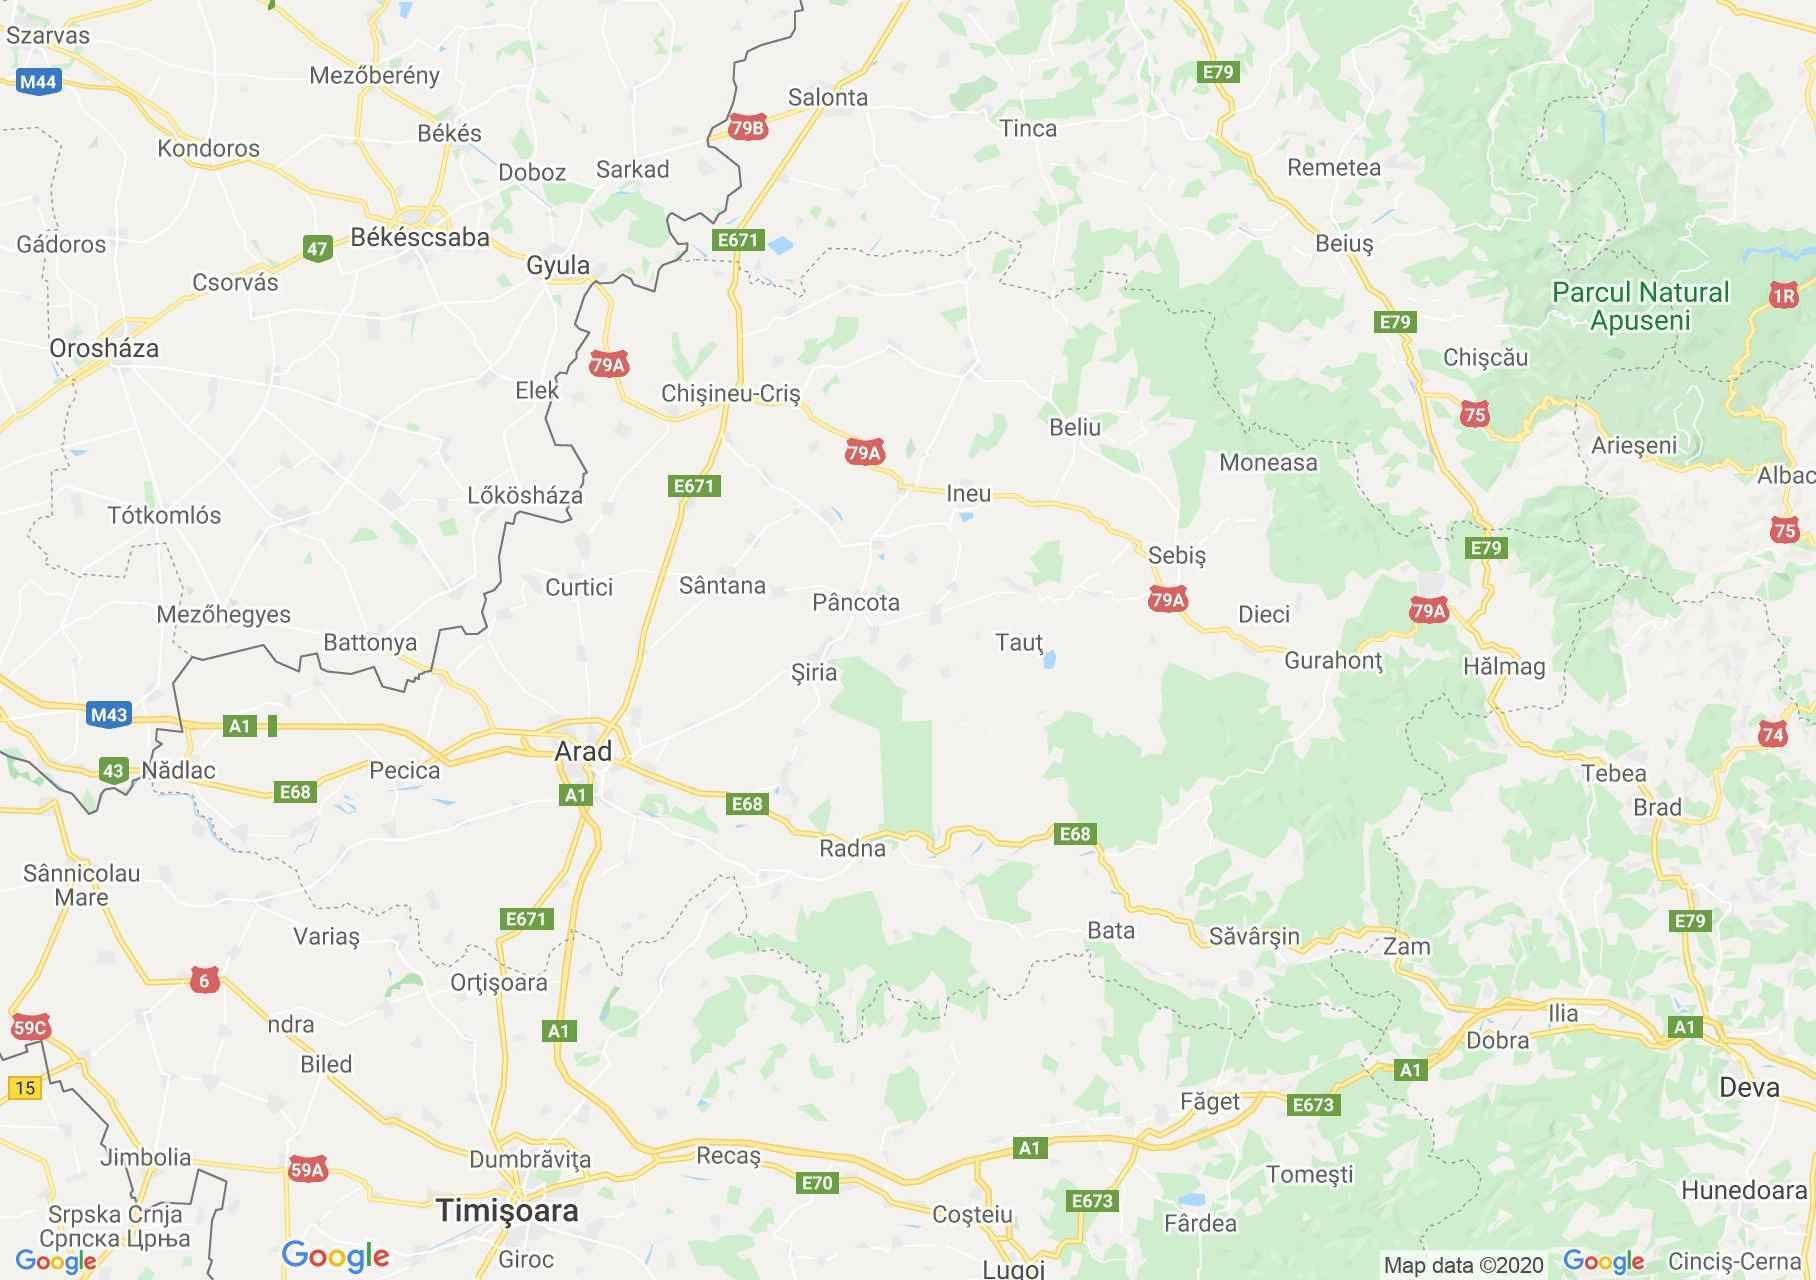 Judeţul Arad: (Arad), Harta turistică interactivă